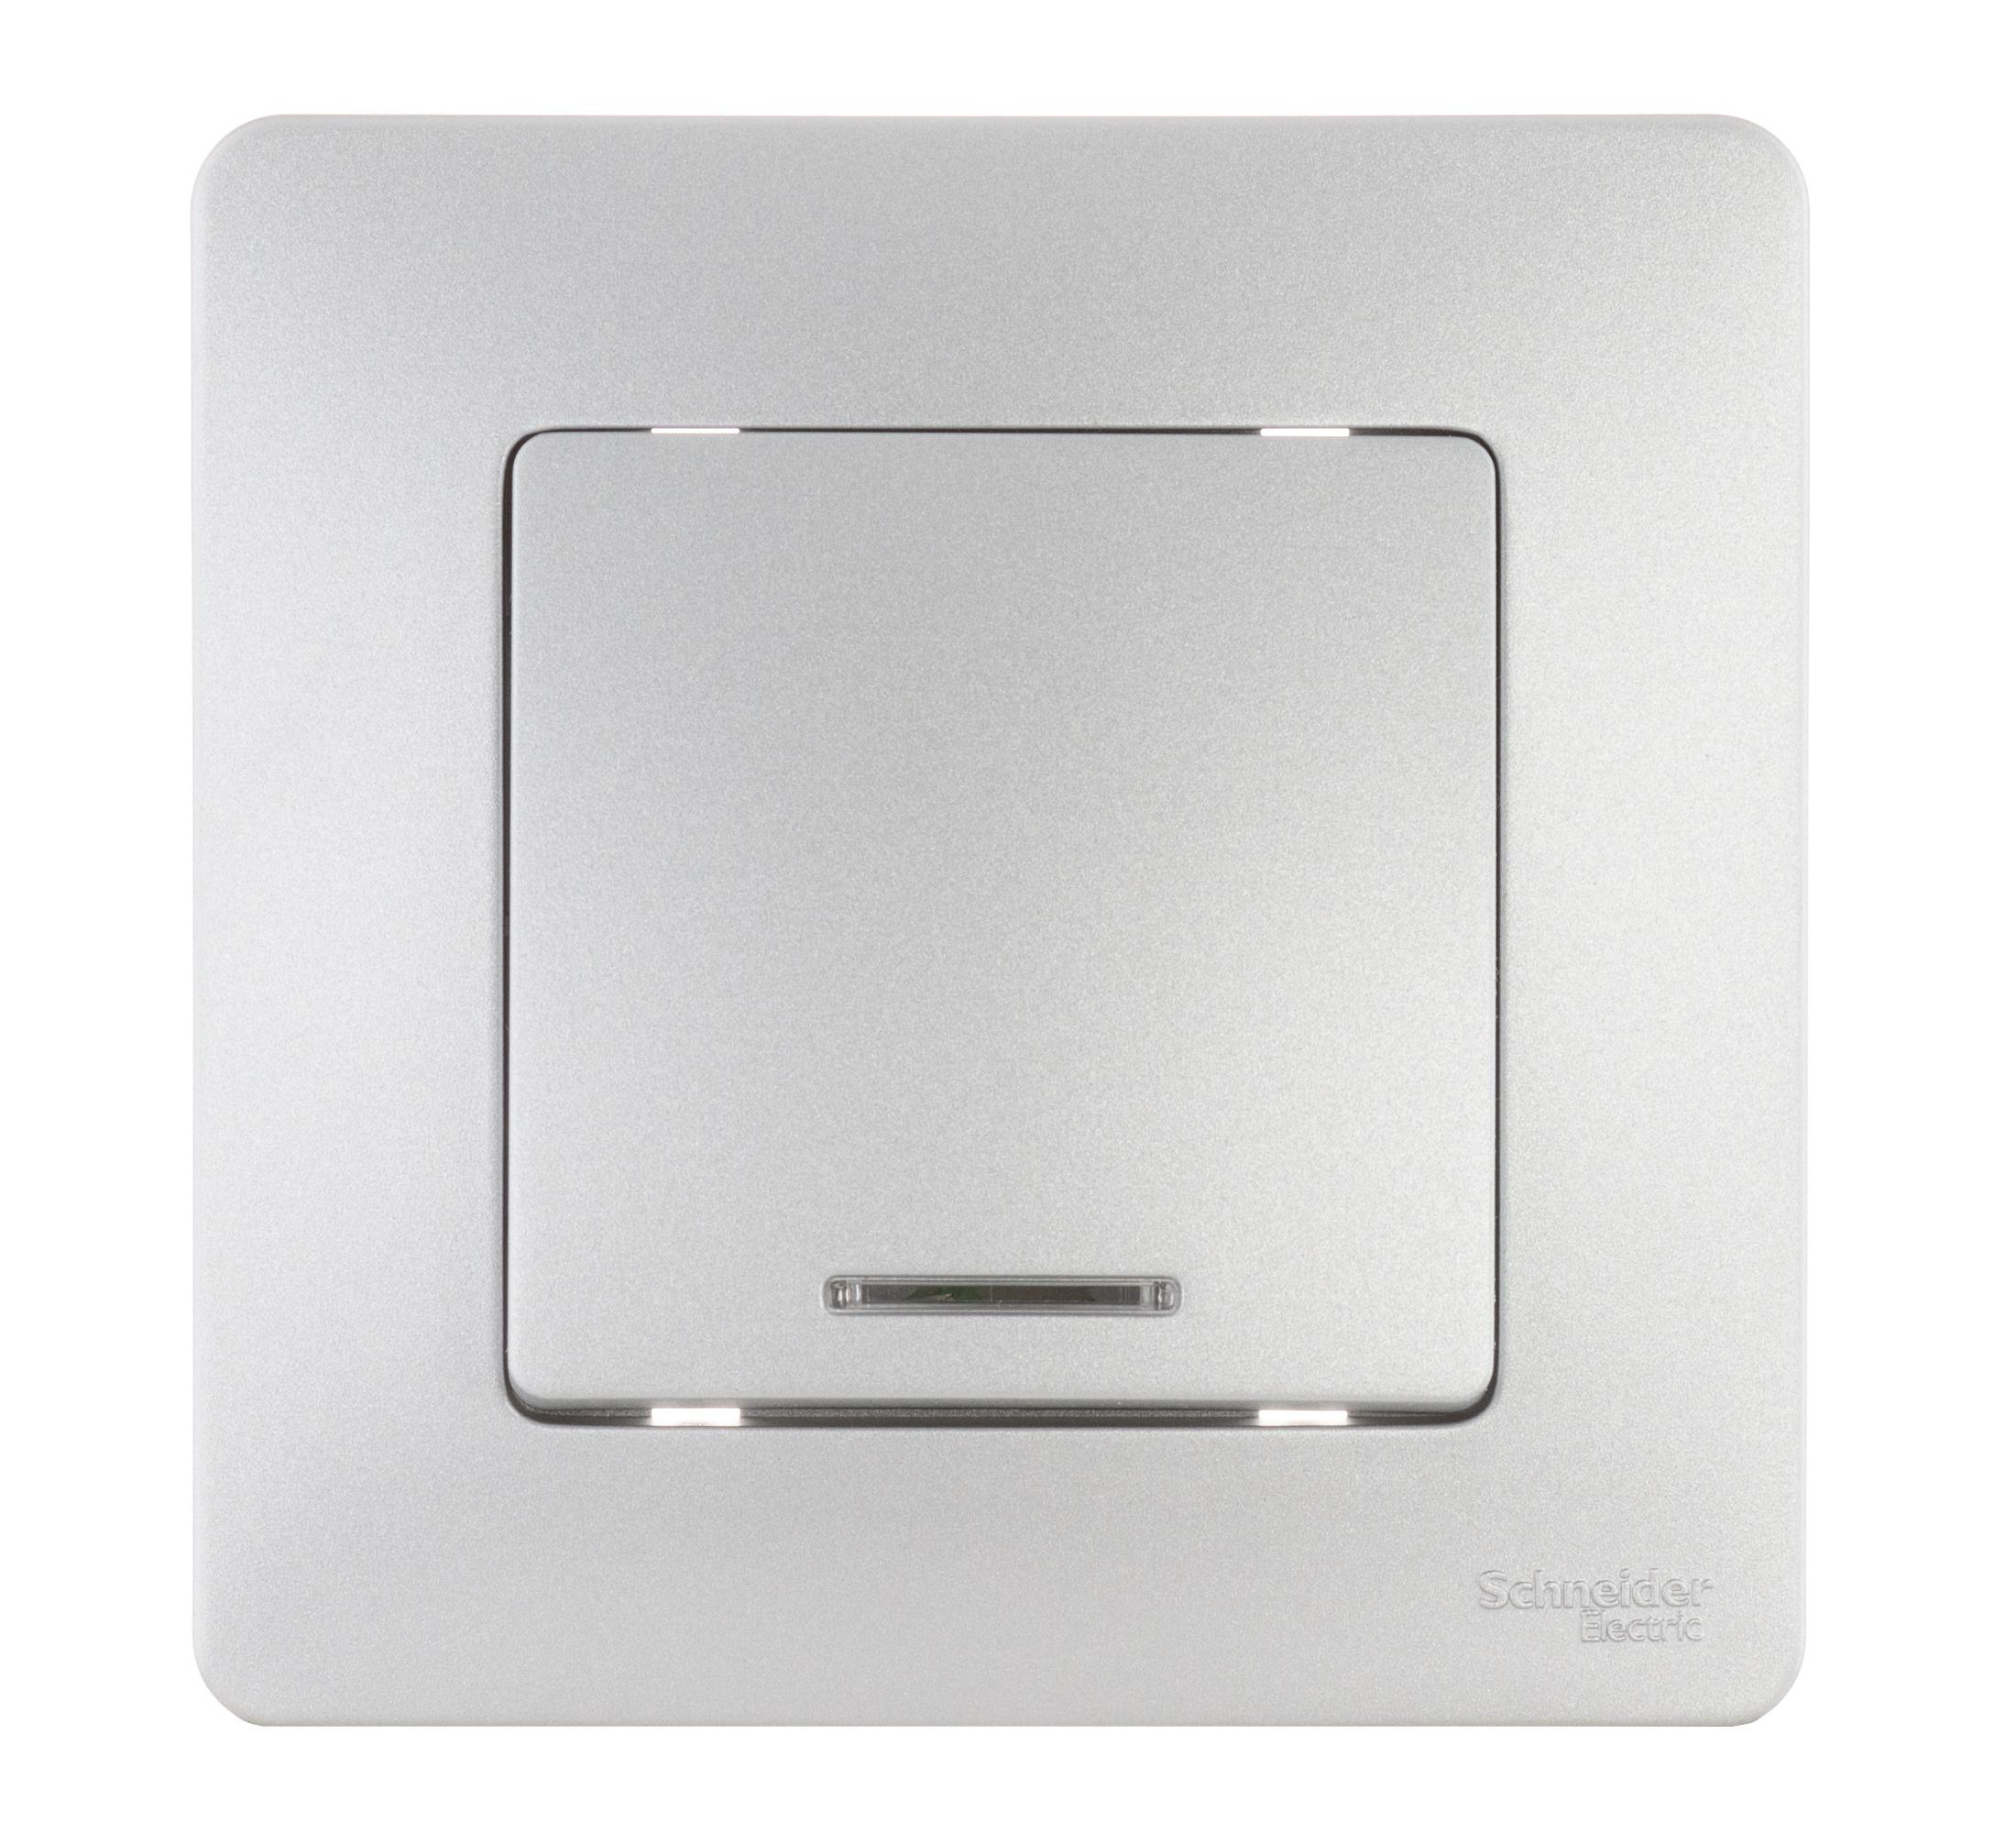 Выключатель Schneider electric Blnvs010113 blanca выключатель schneider electric blnva101013 blanca